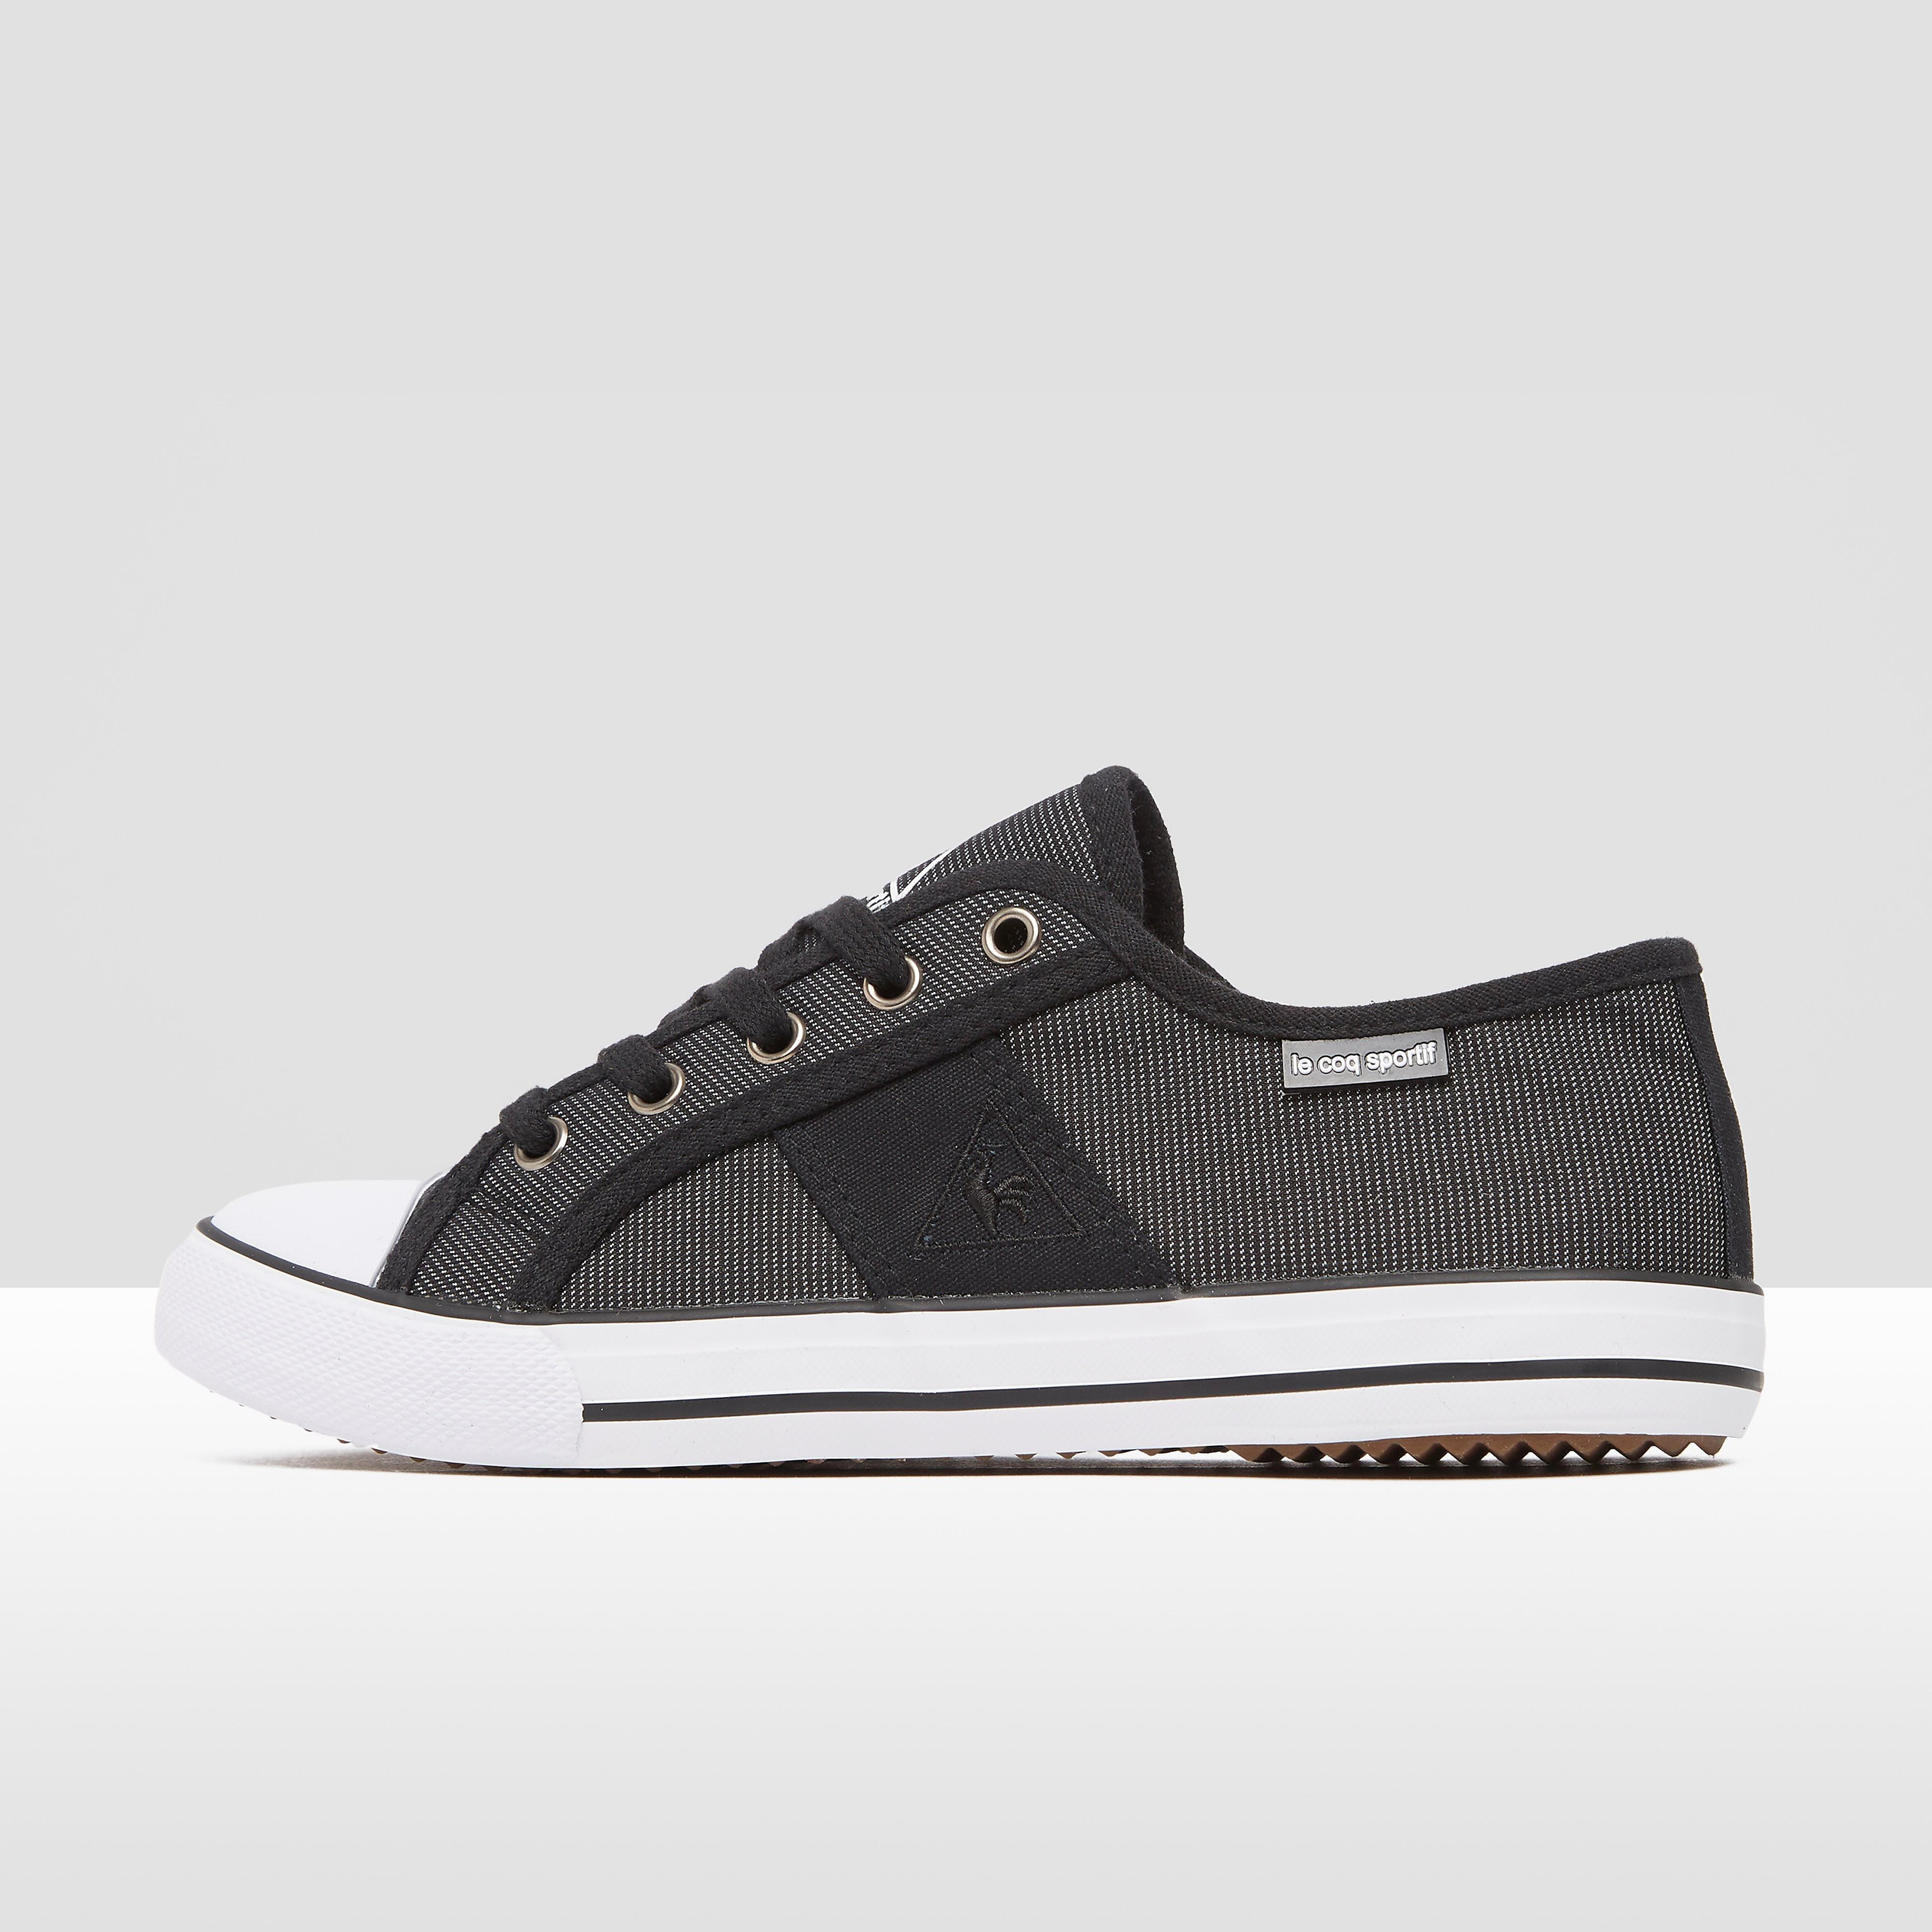 LE COQ SPORTIF Octo flanc low lace sneakers zwart kinderen Kinderen